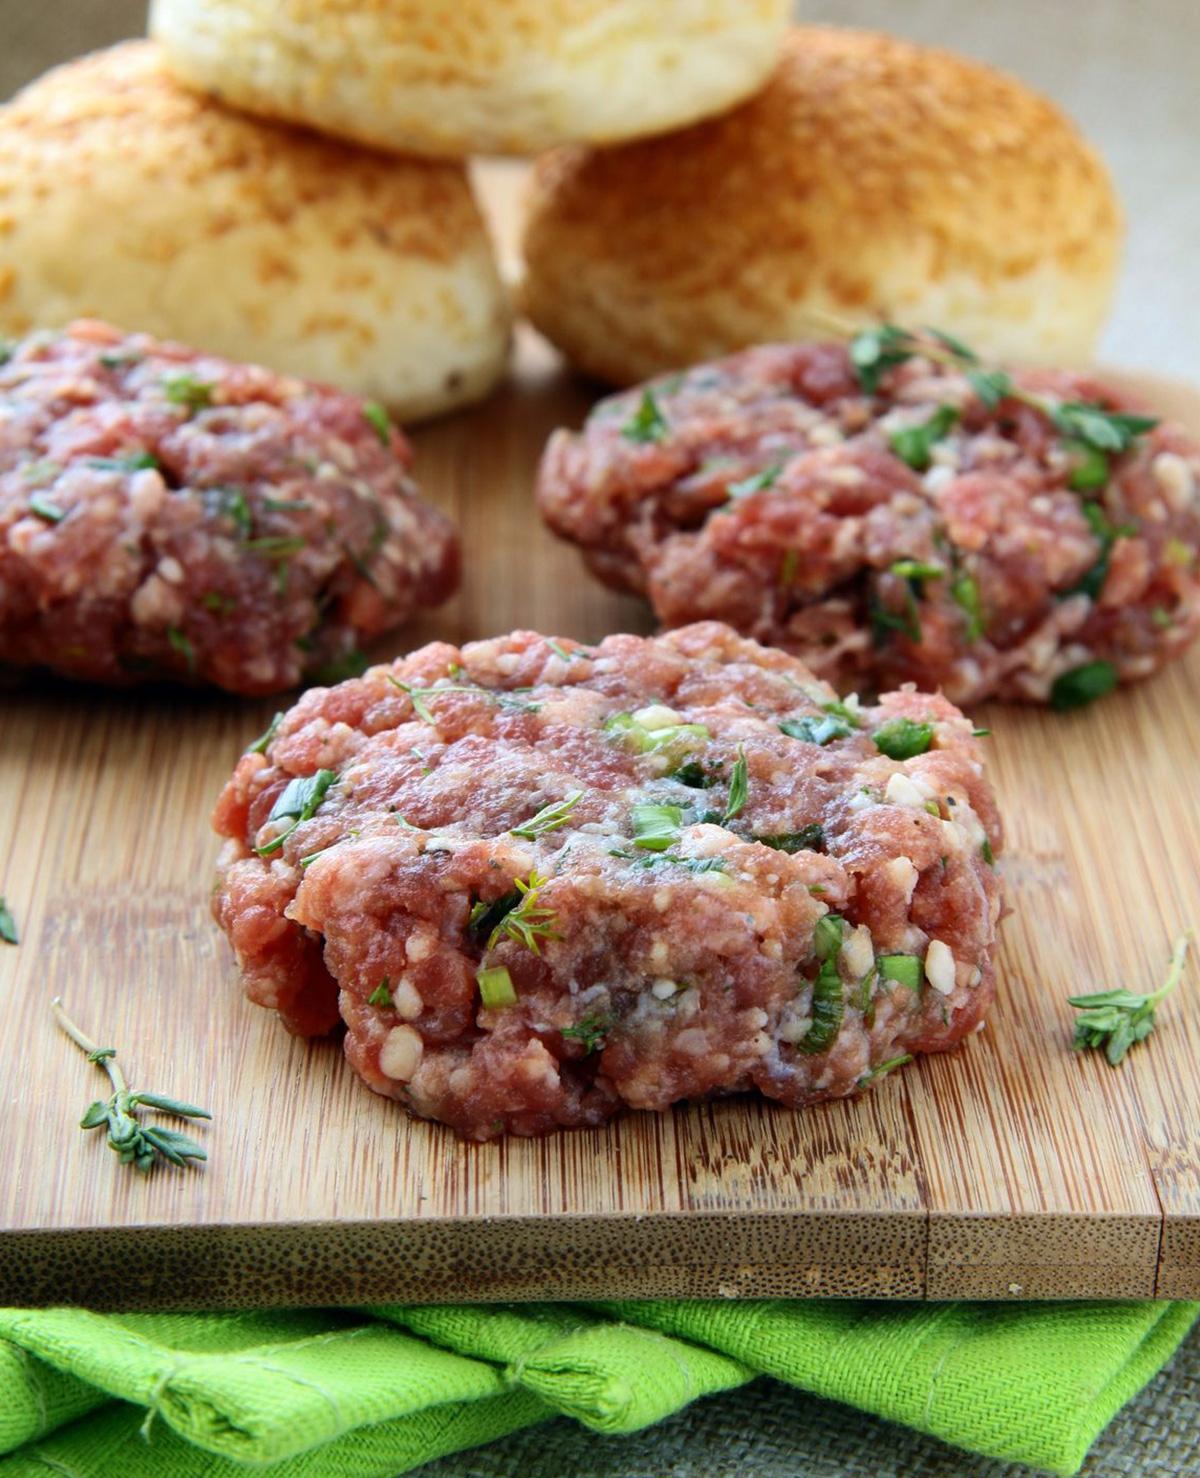 Maak een hamburger op deze manier!